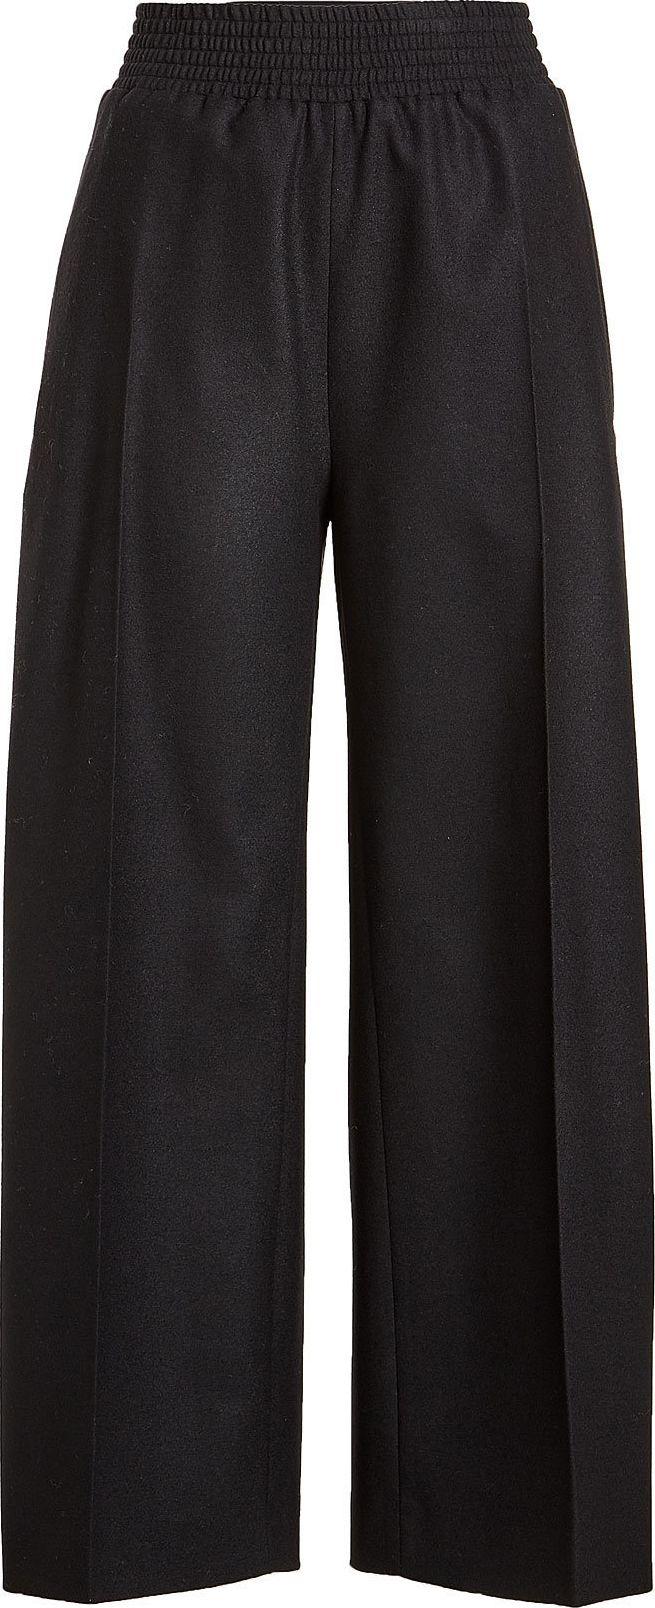 Jil Sander - Wide Leg Virgin Wool Pants